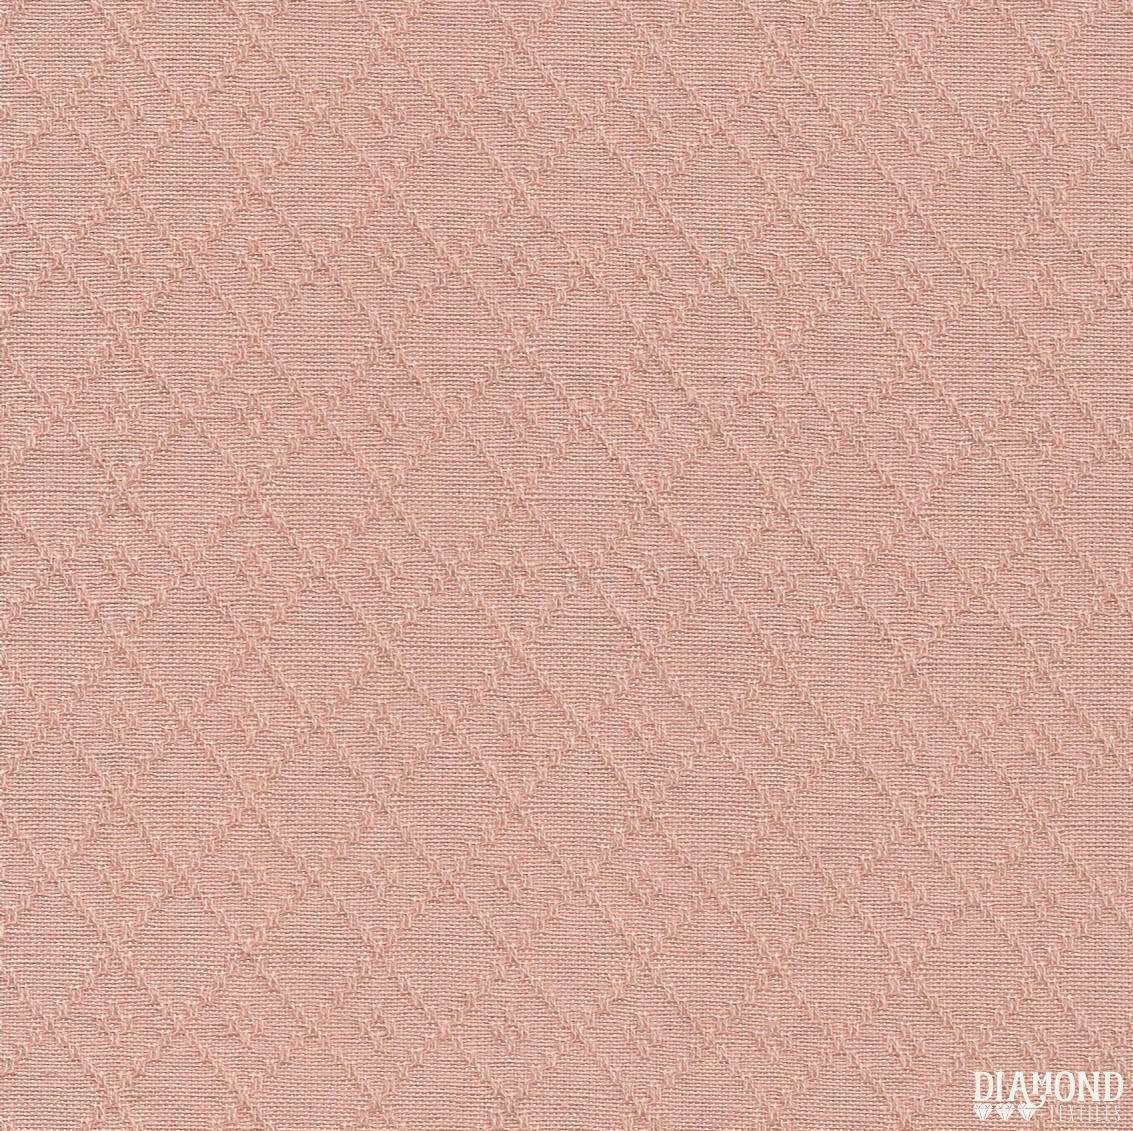 Diamond Textiles 4631 Pink